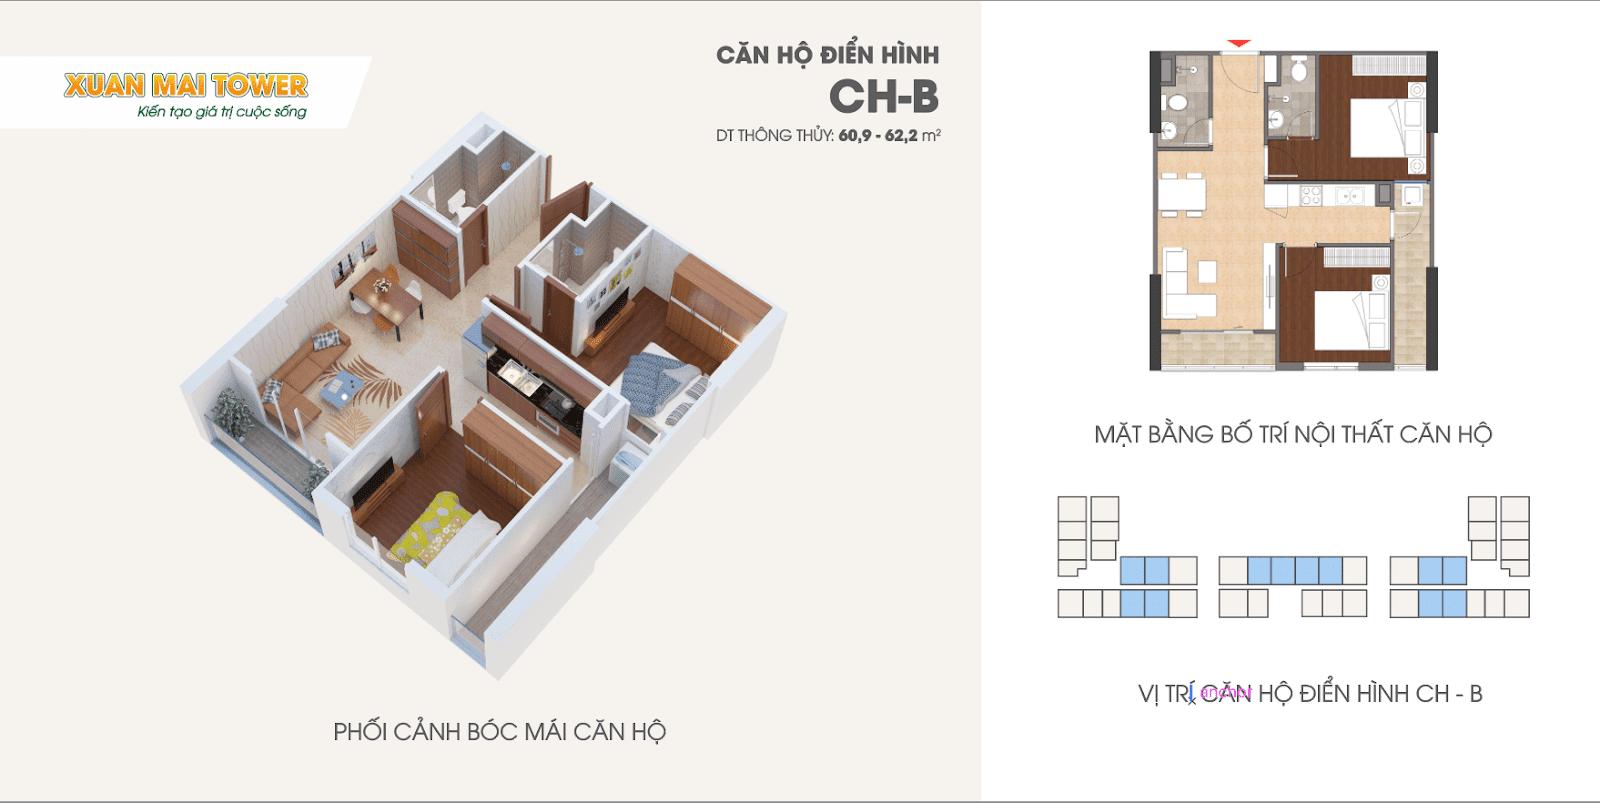 Căn hộ điển hình CH-B dự án Xuân Mai Thanh Hoá